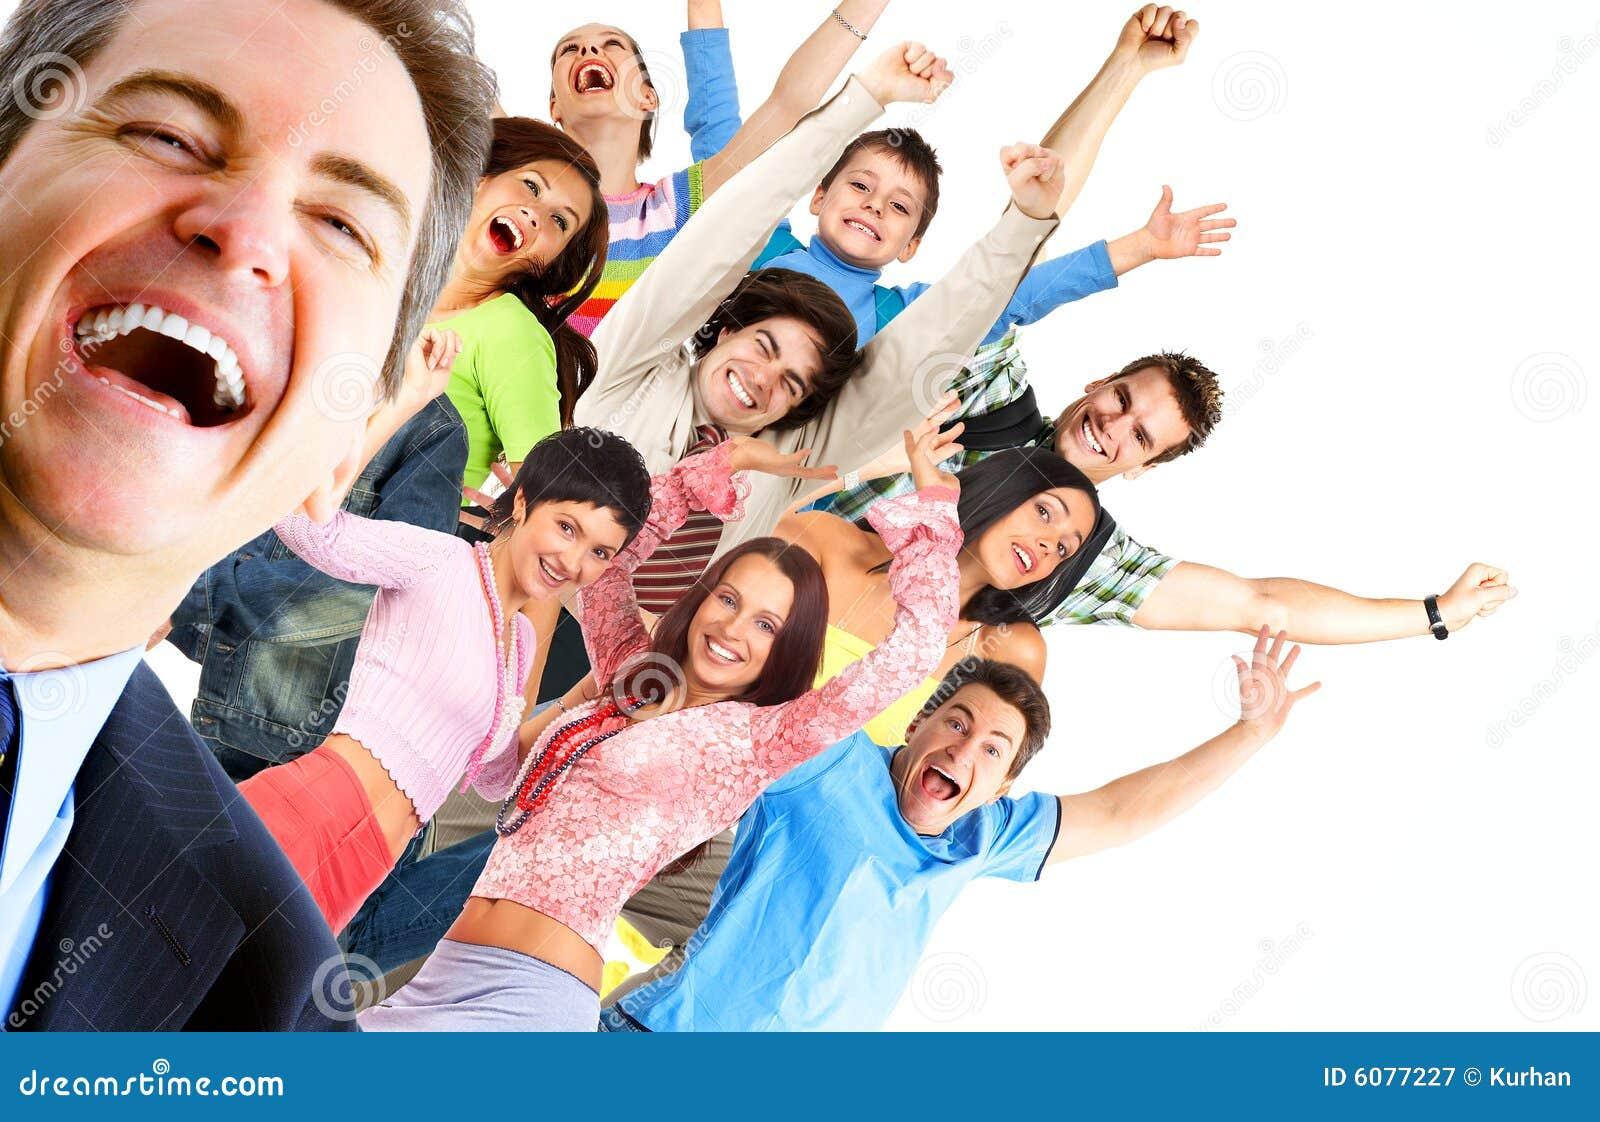 happy-people-6077227.jpg